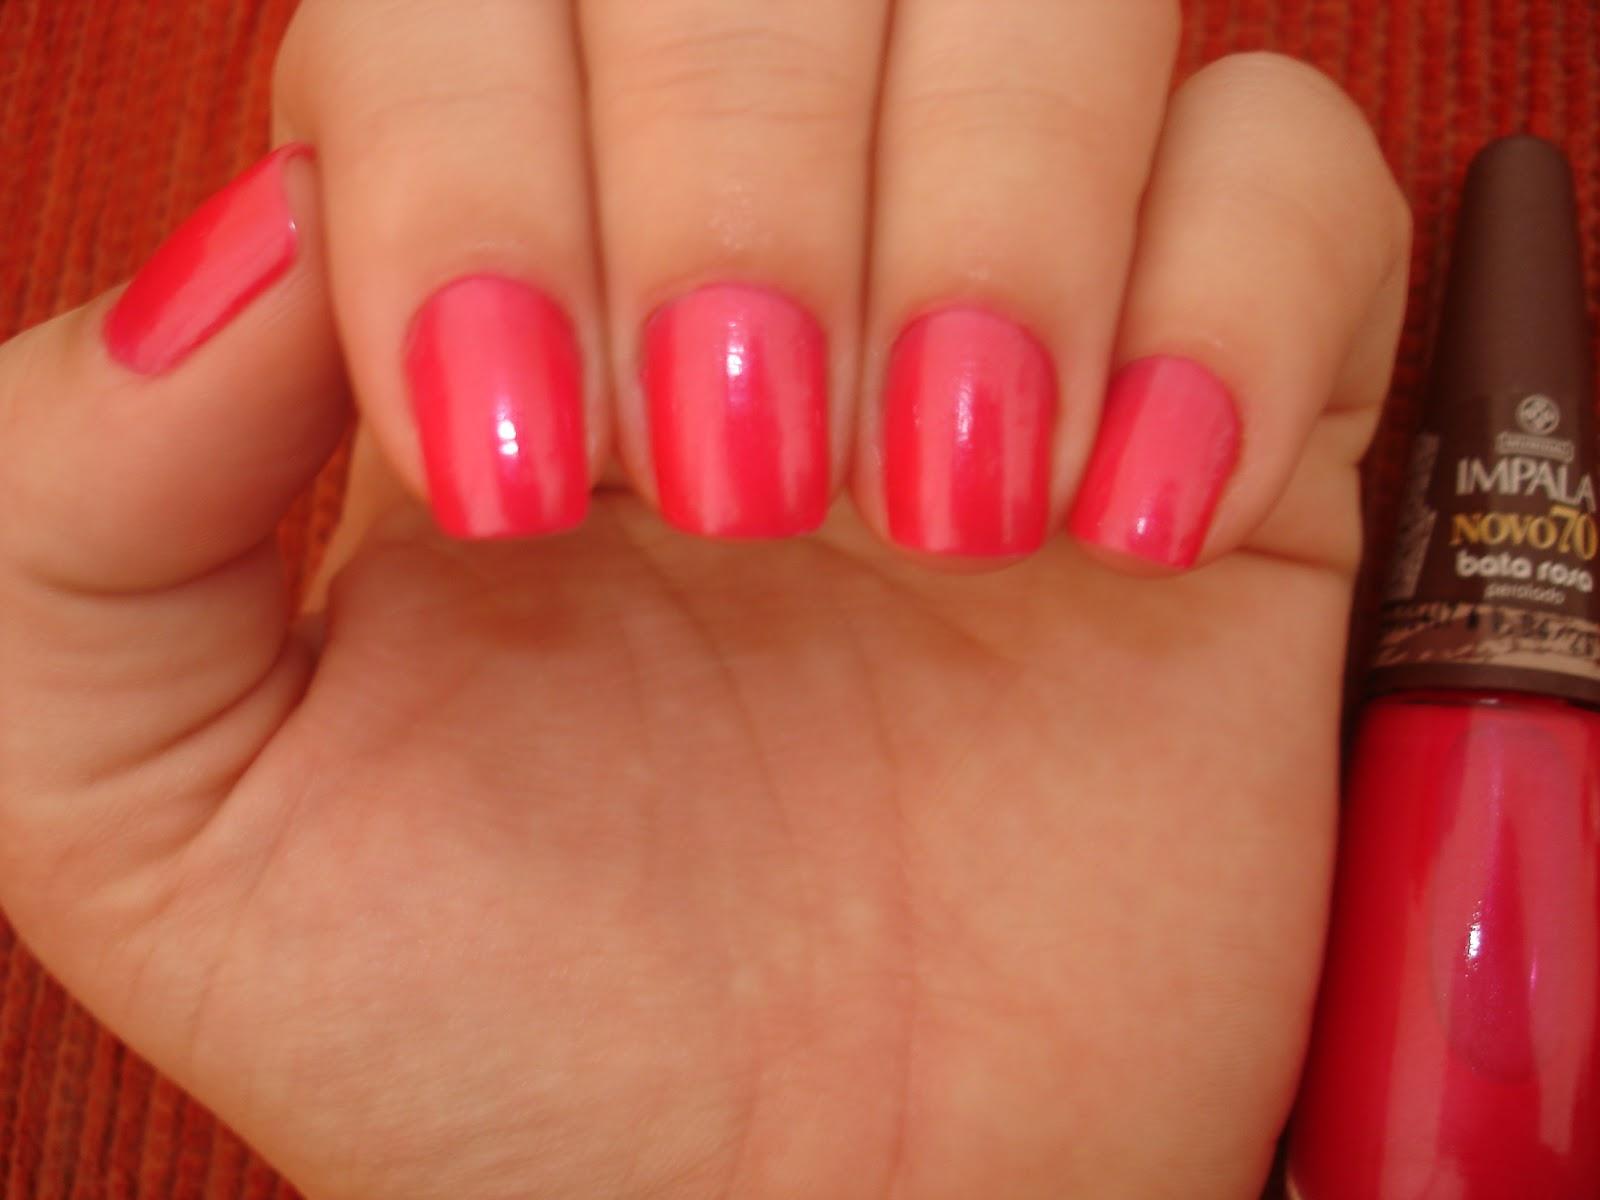 8b3c7c835de26 Esmaltada da semana rosa novamente. Adorei a cor!